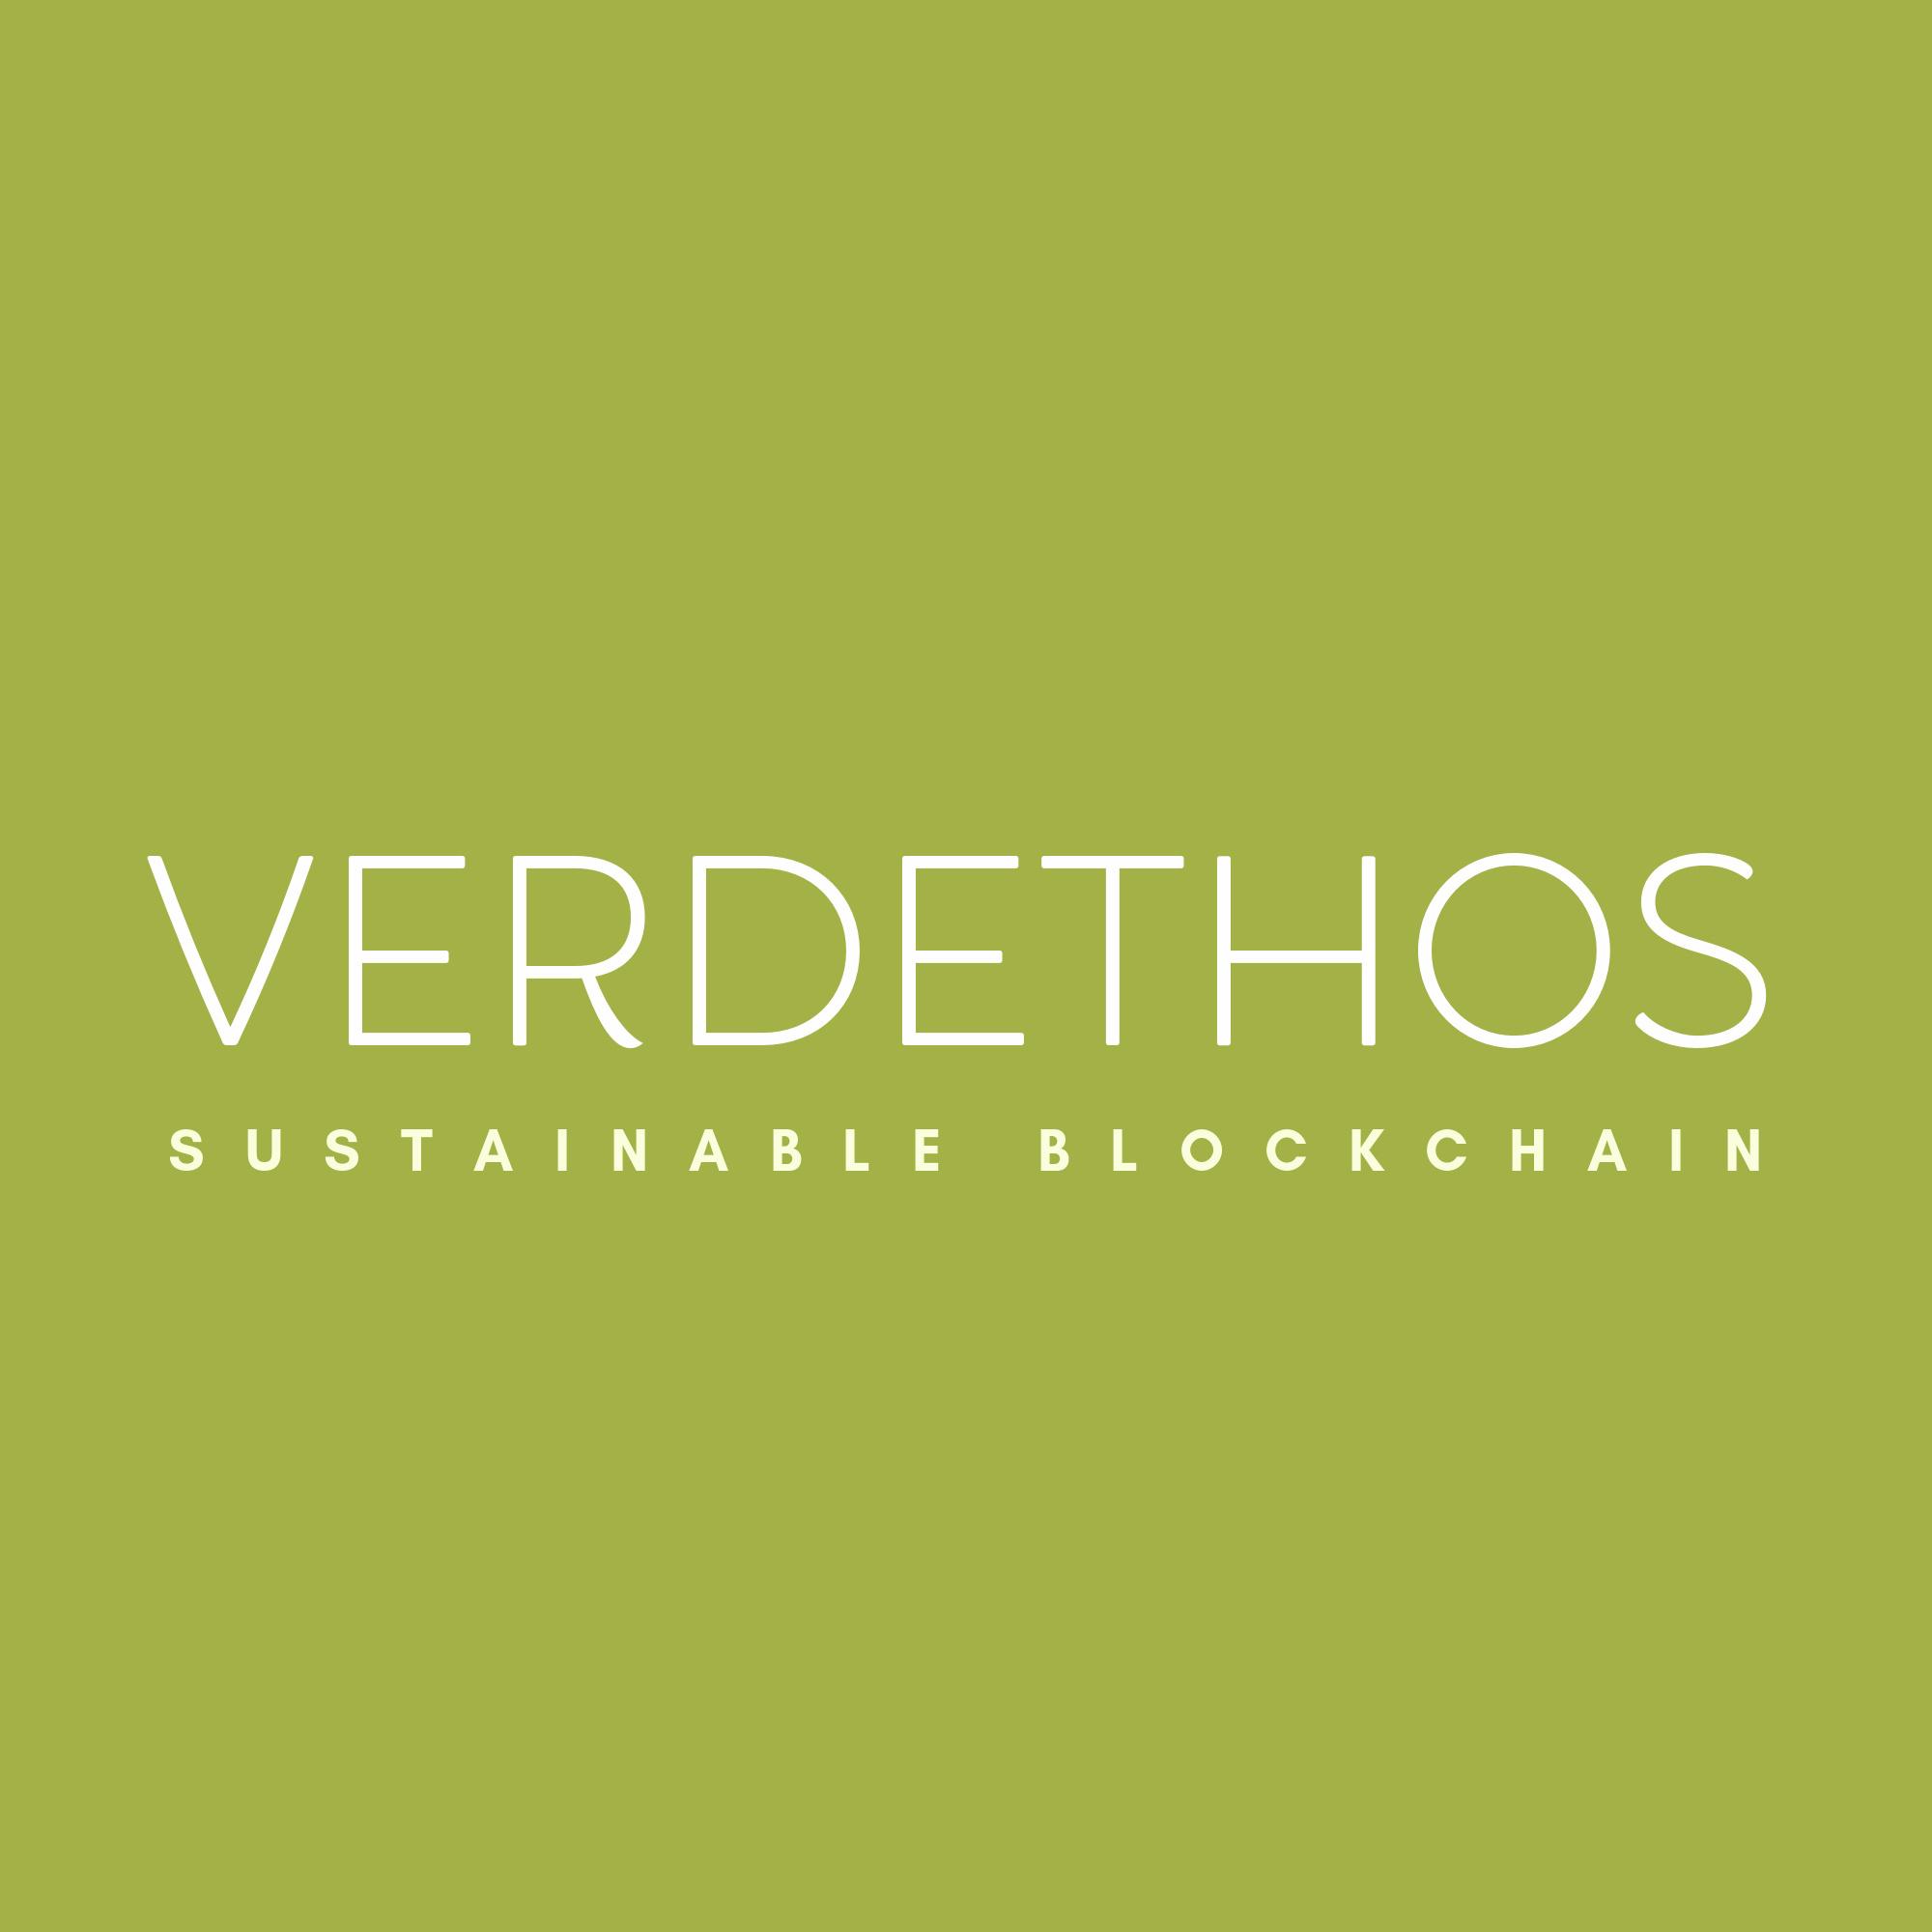 Verdethos jobs